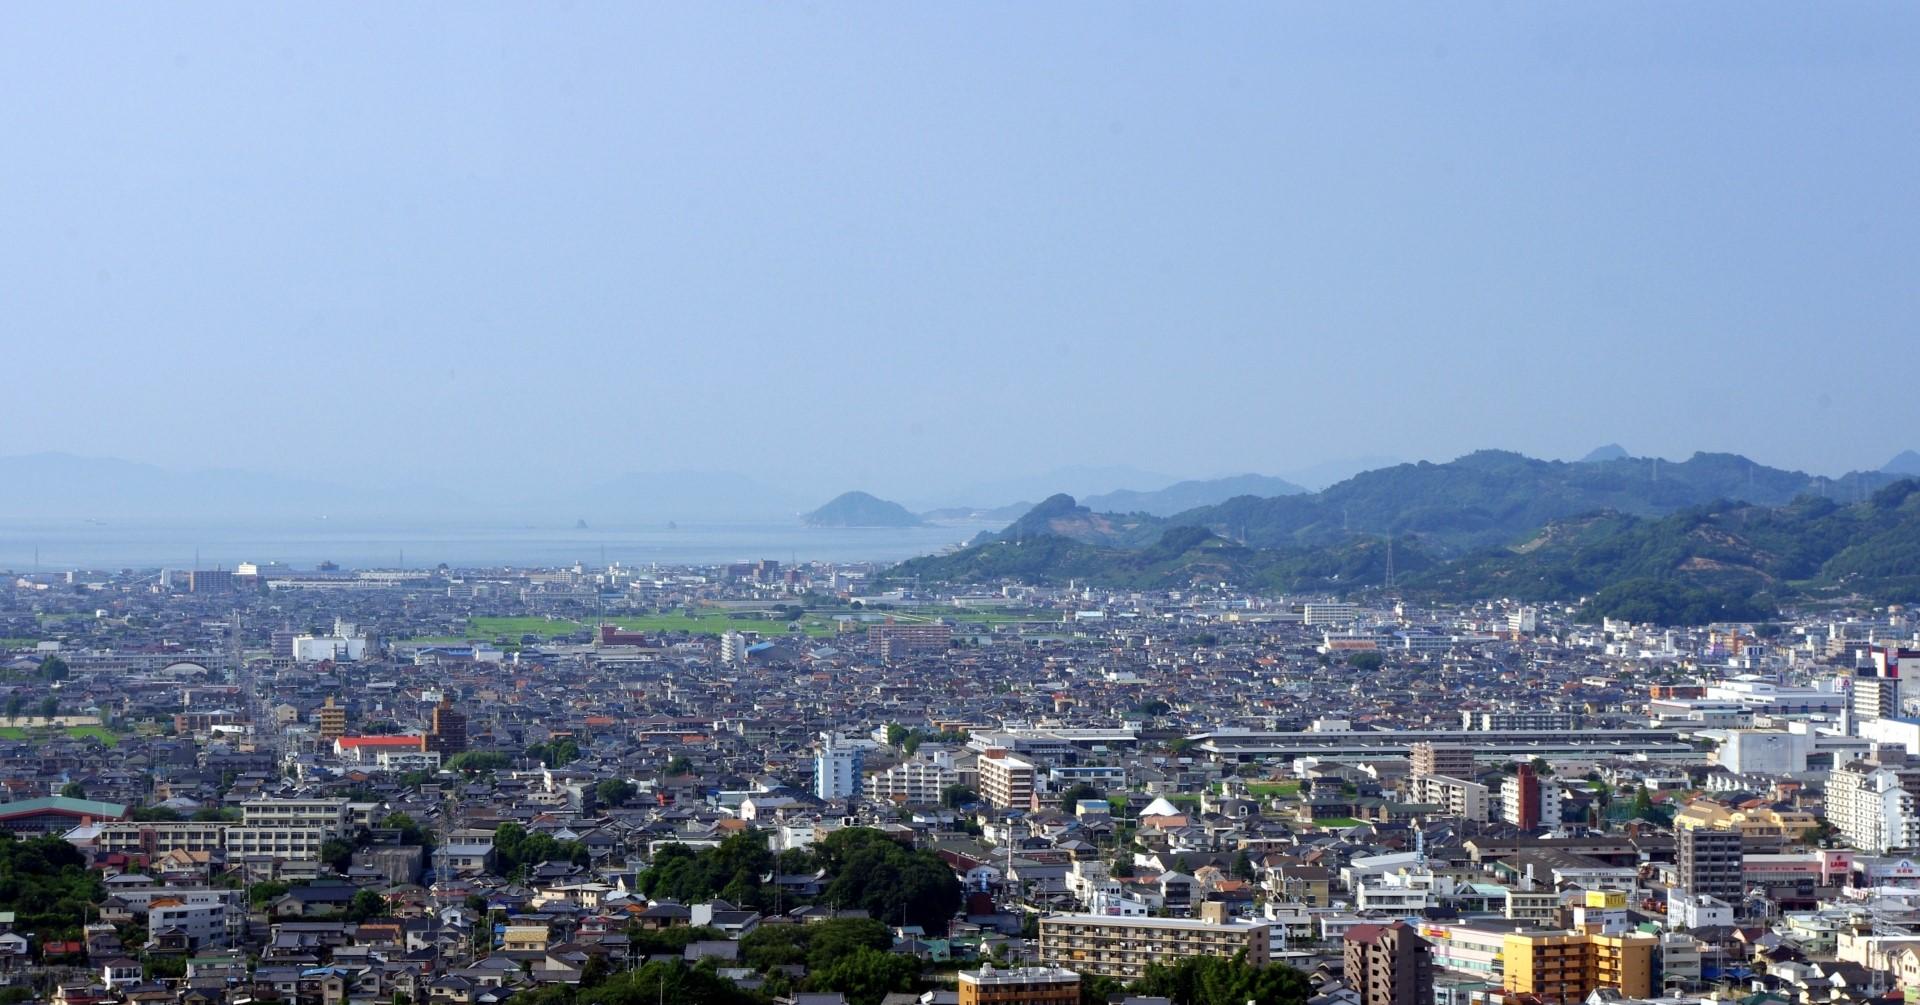 市内の風景(photoAC出典:spacemanさん)